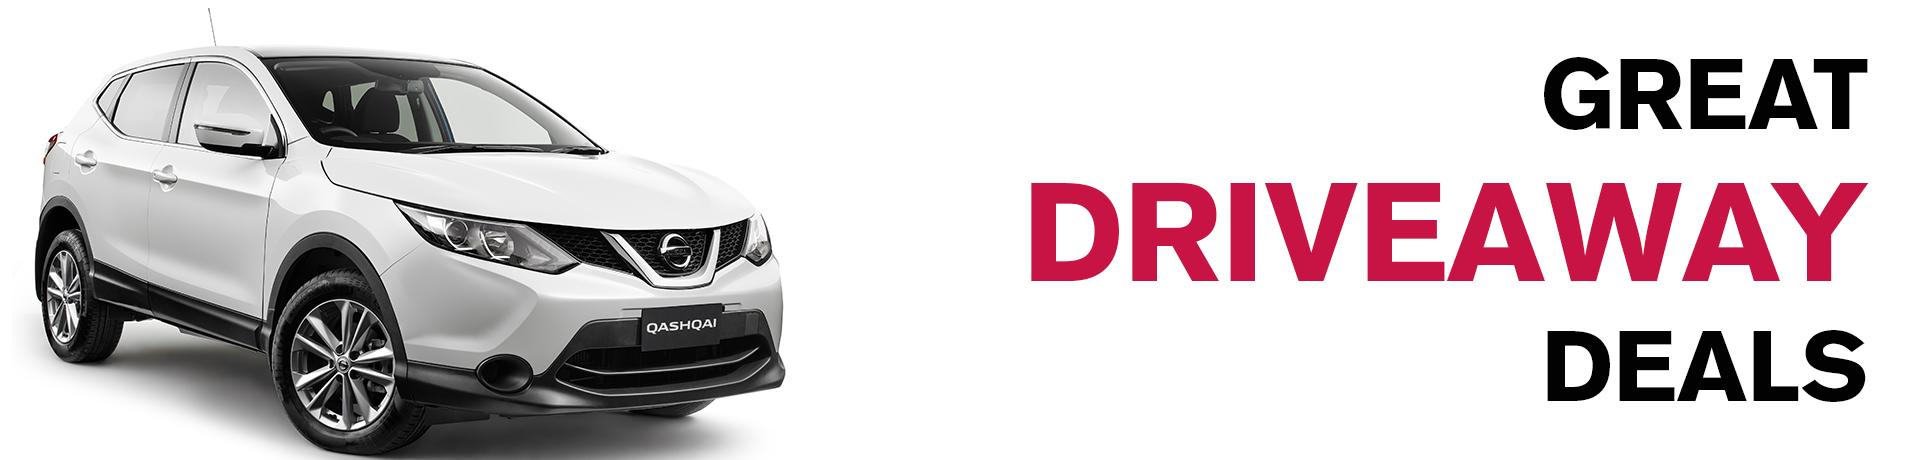 driveaway deals